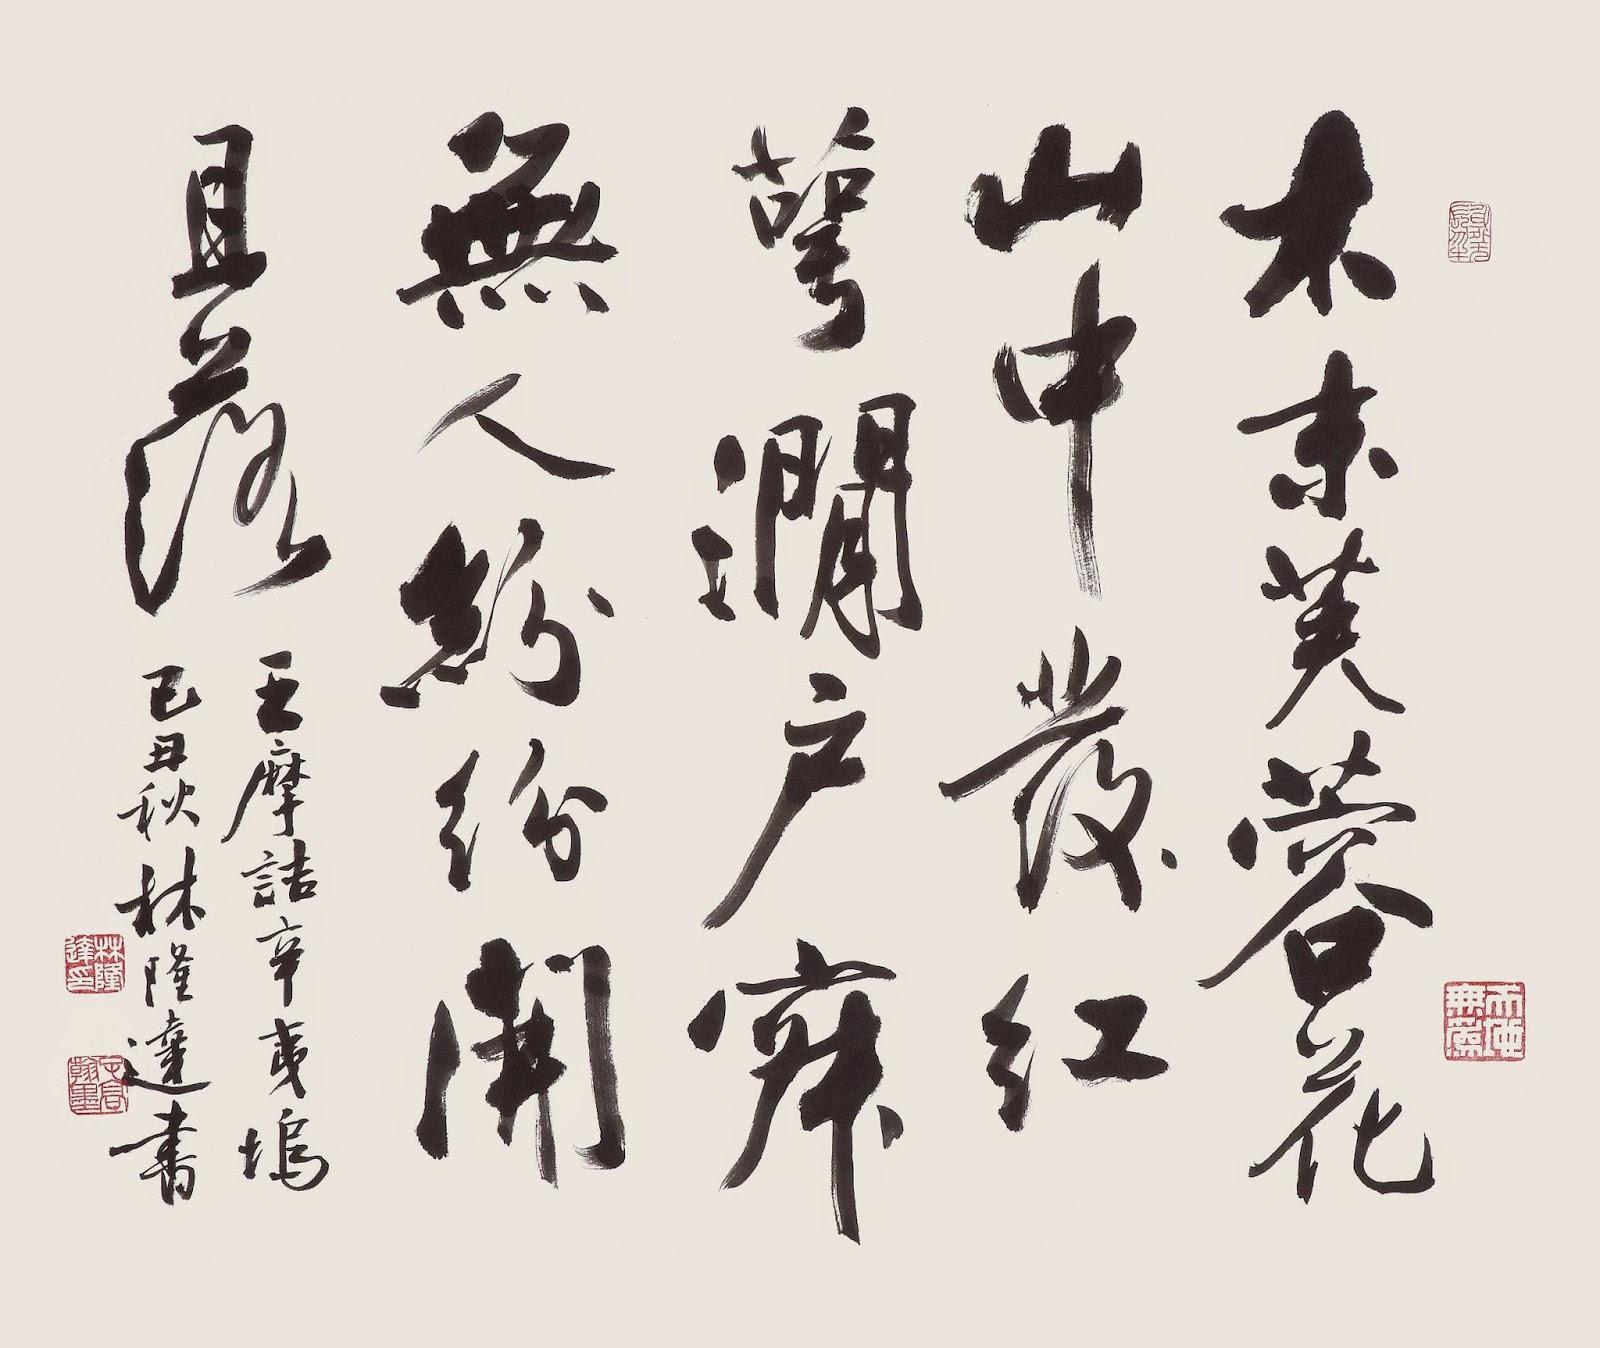 廖大昇膠彩藝術工作室: 作品詮釋二.